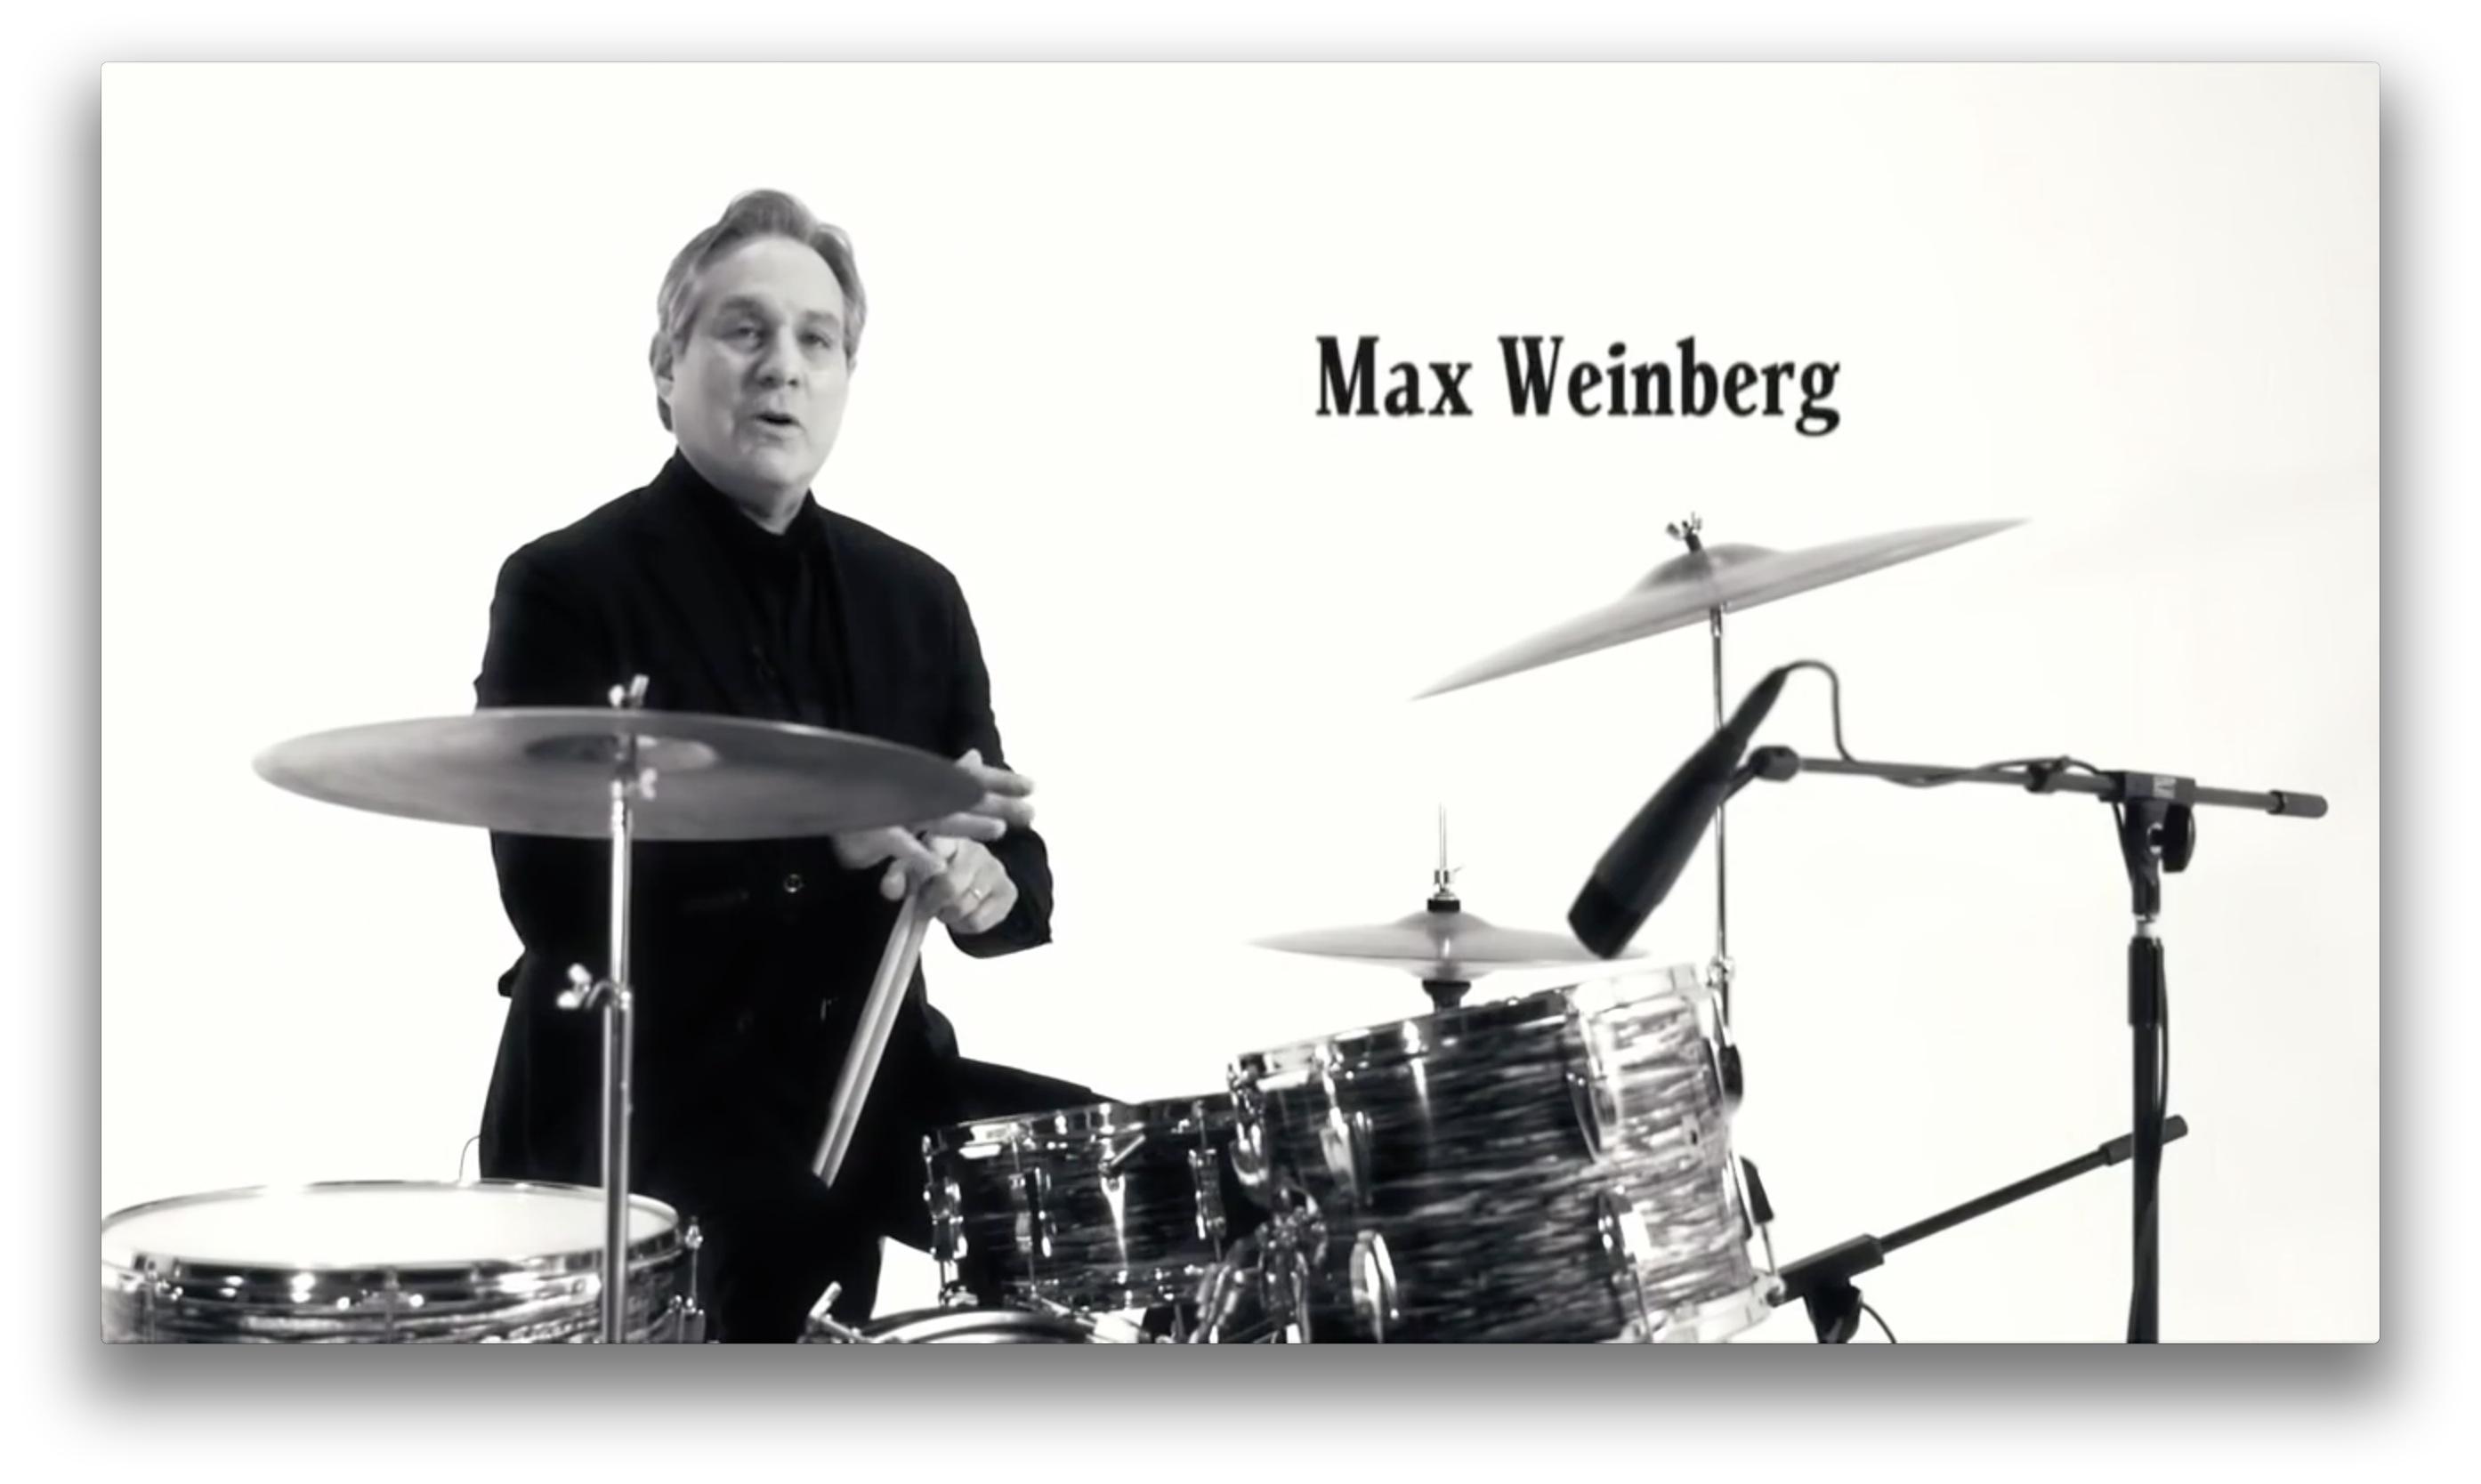 RINGO_Max Weinberg